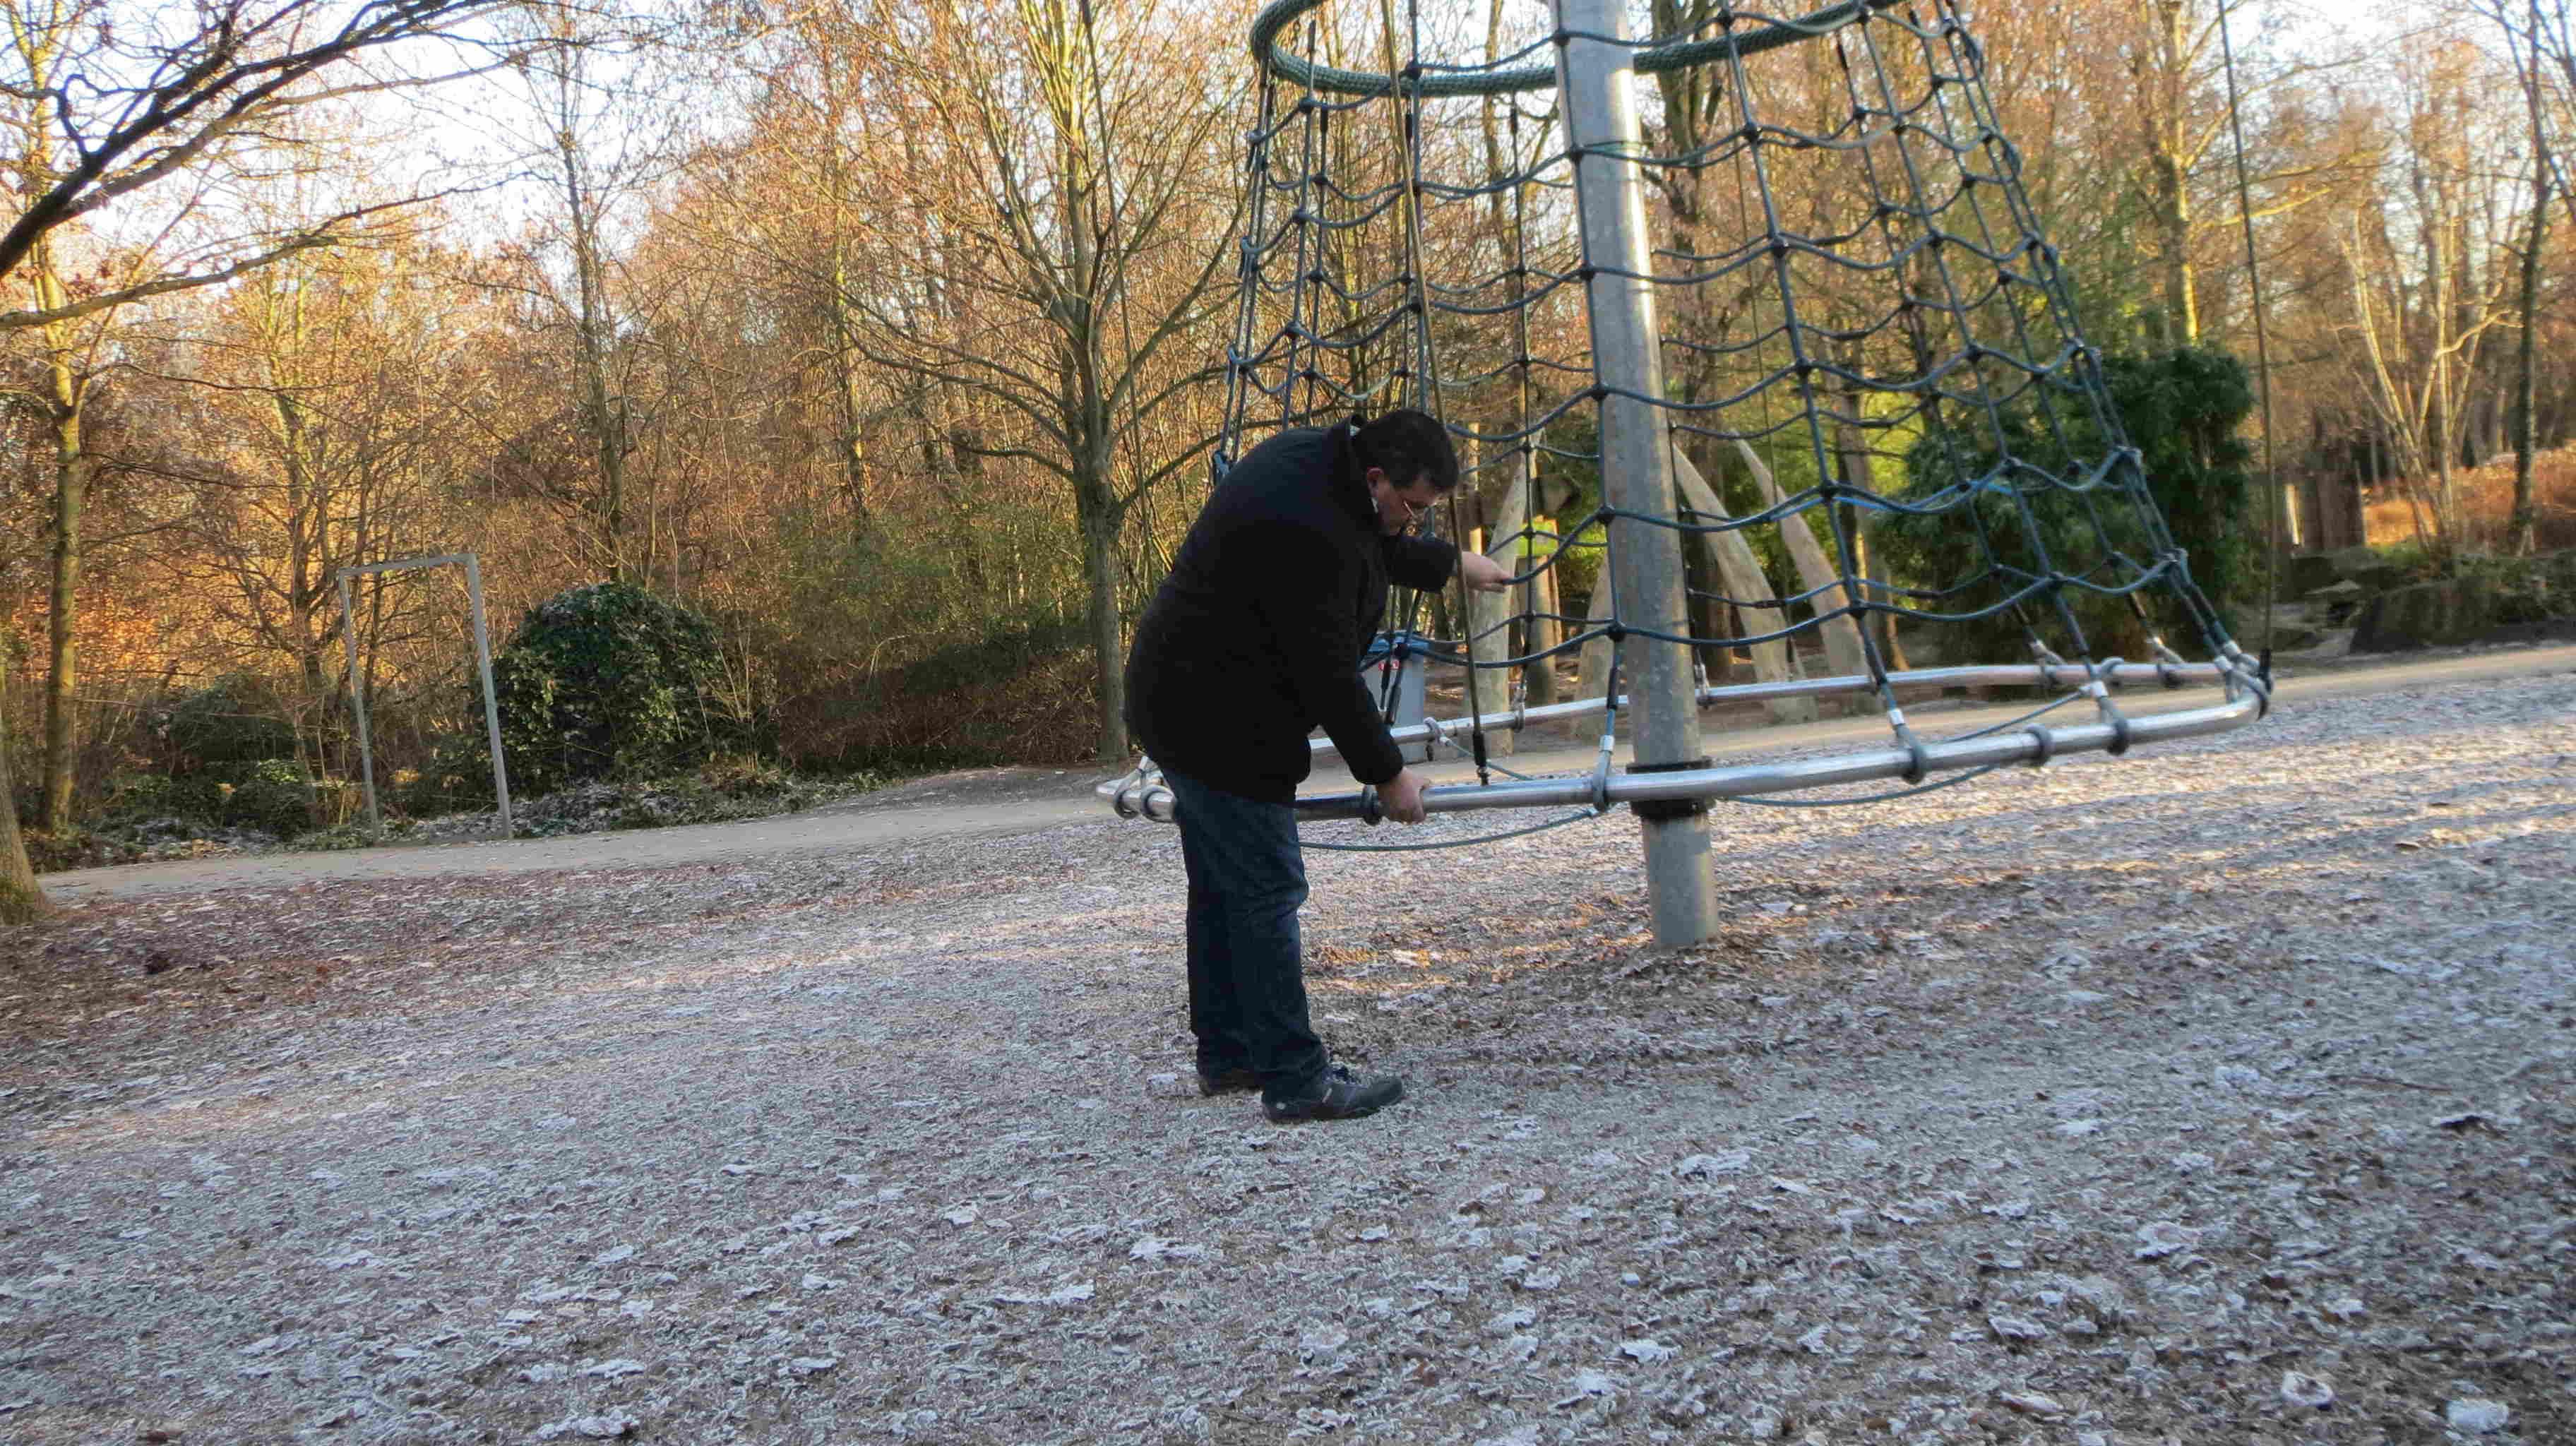 Spielplatzinspektion